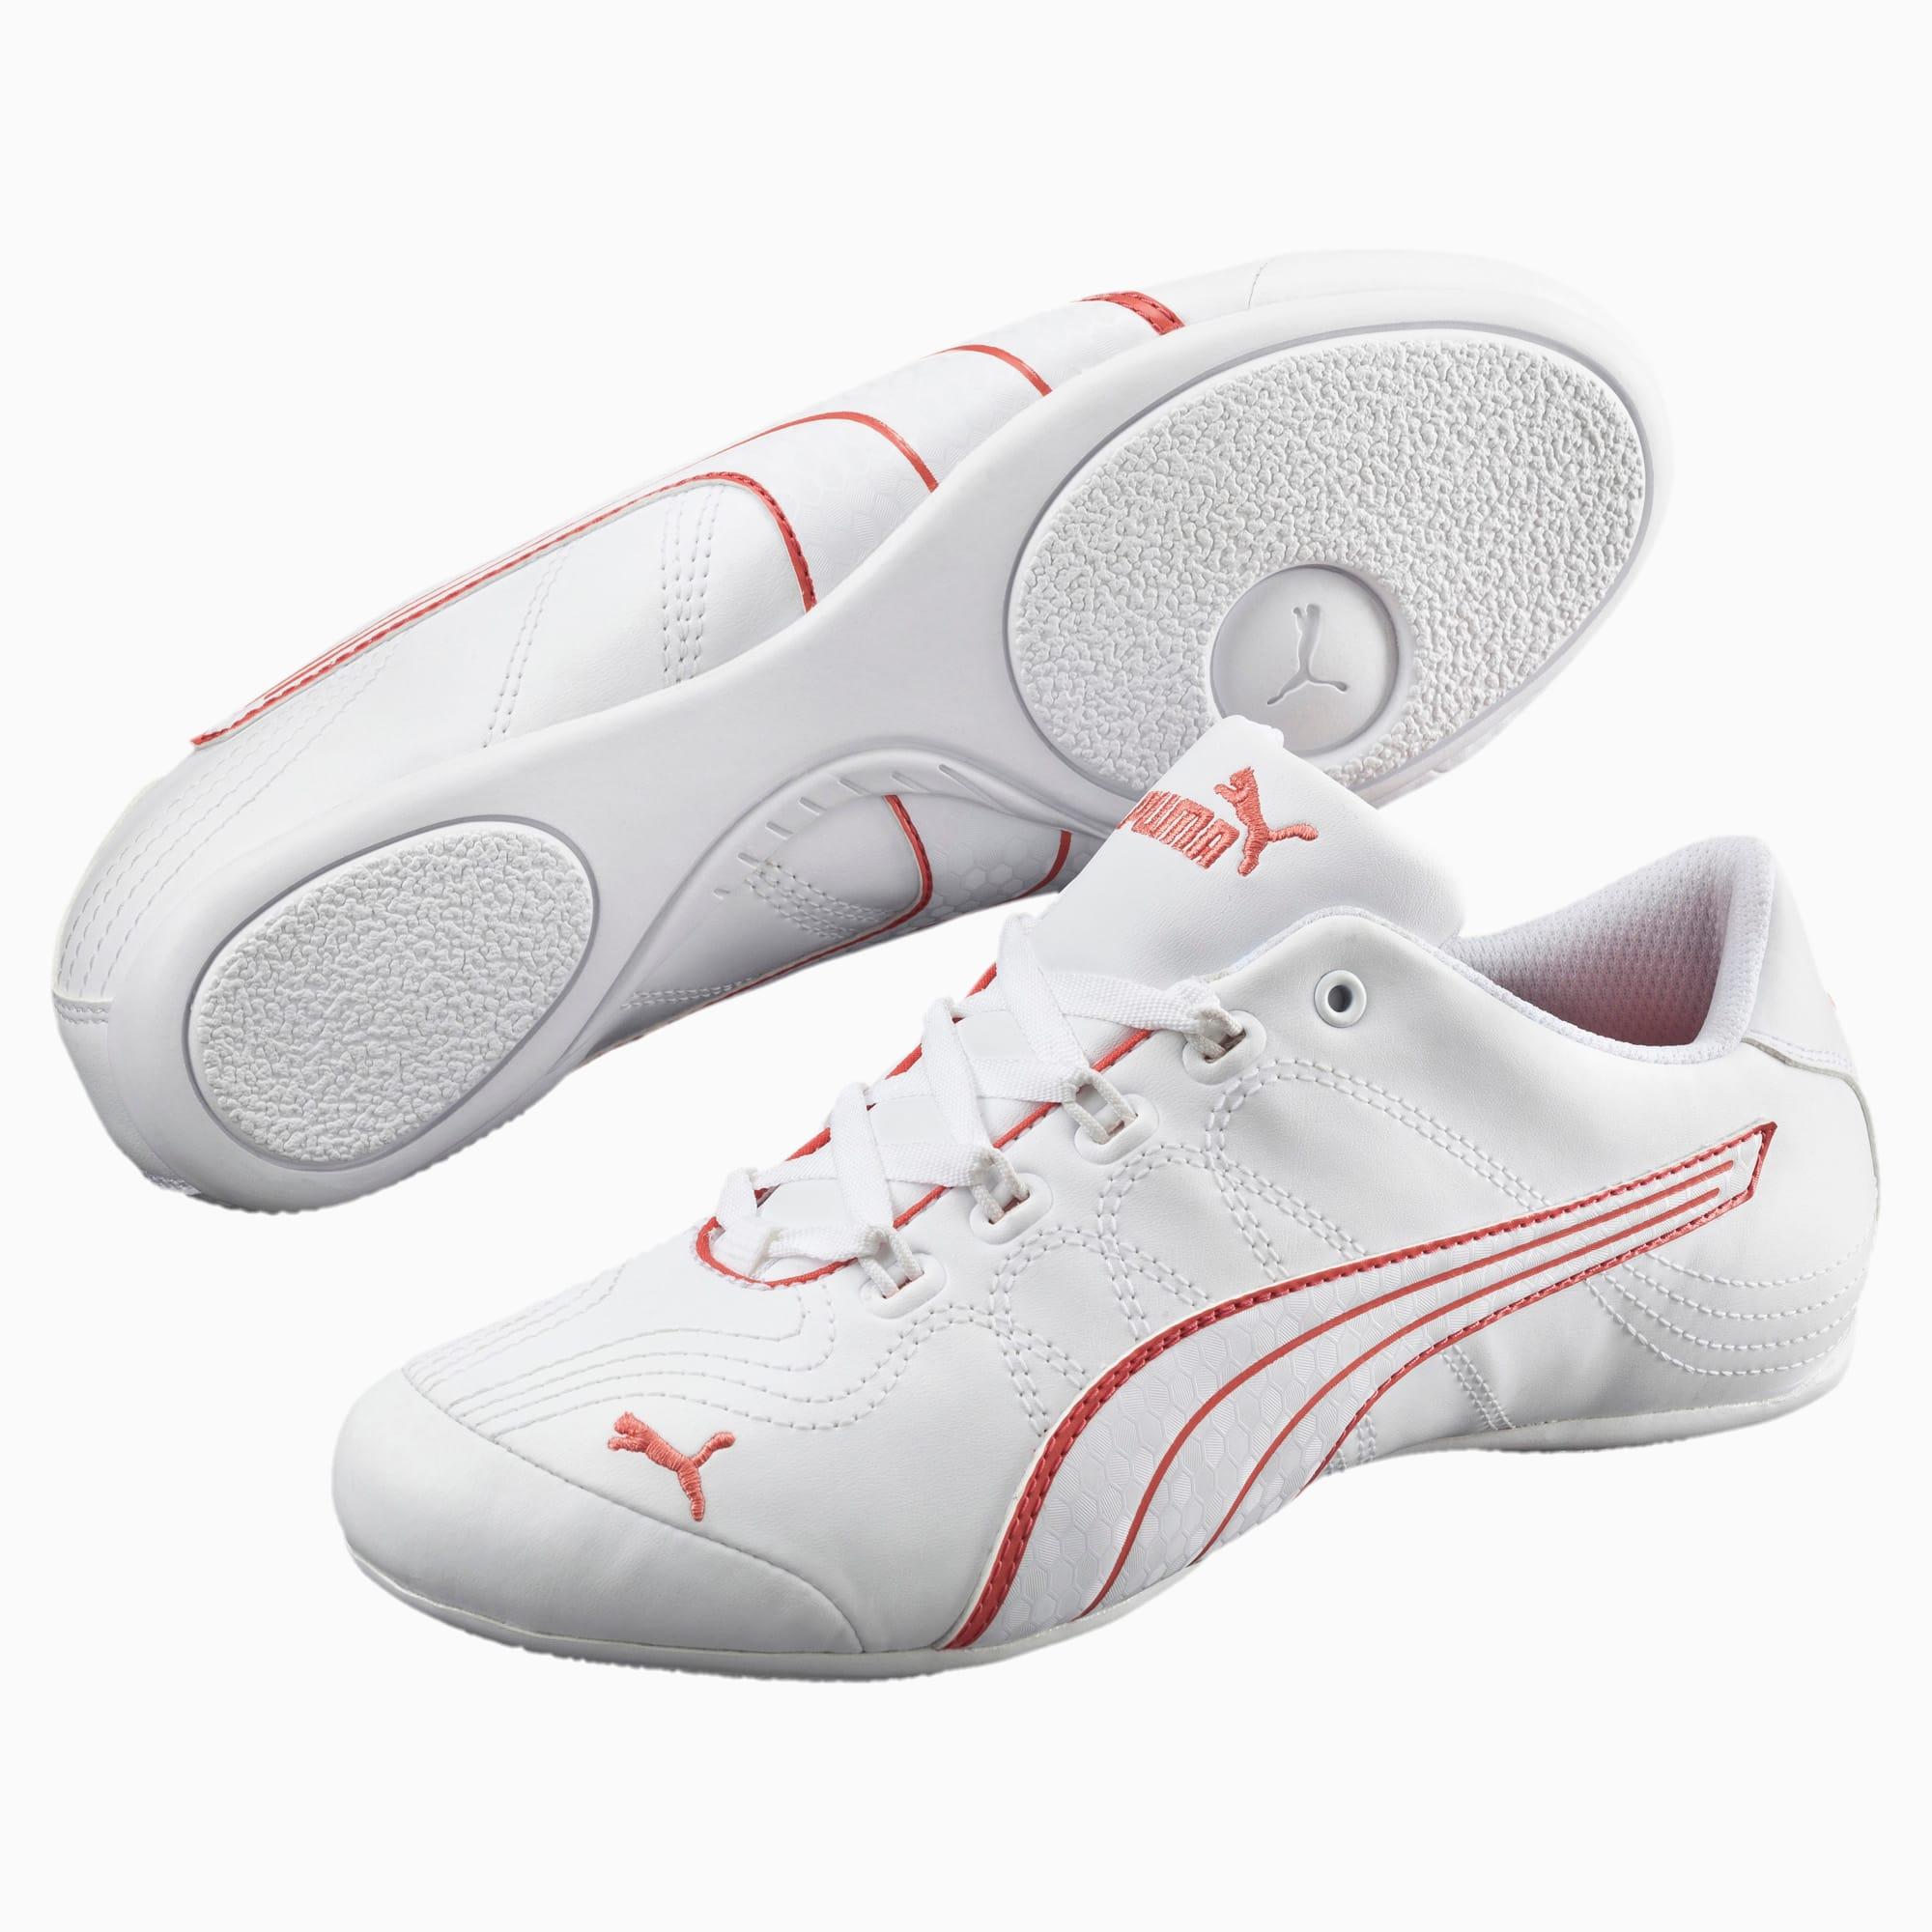 puma soleil s wn's damen sneakers